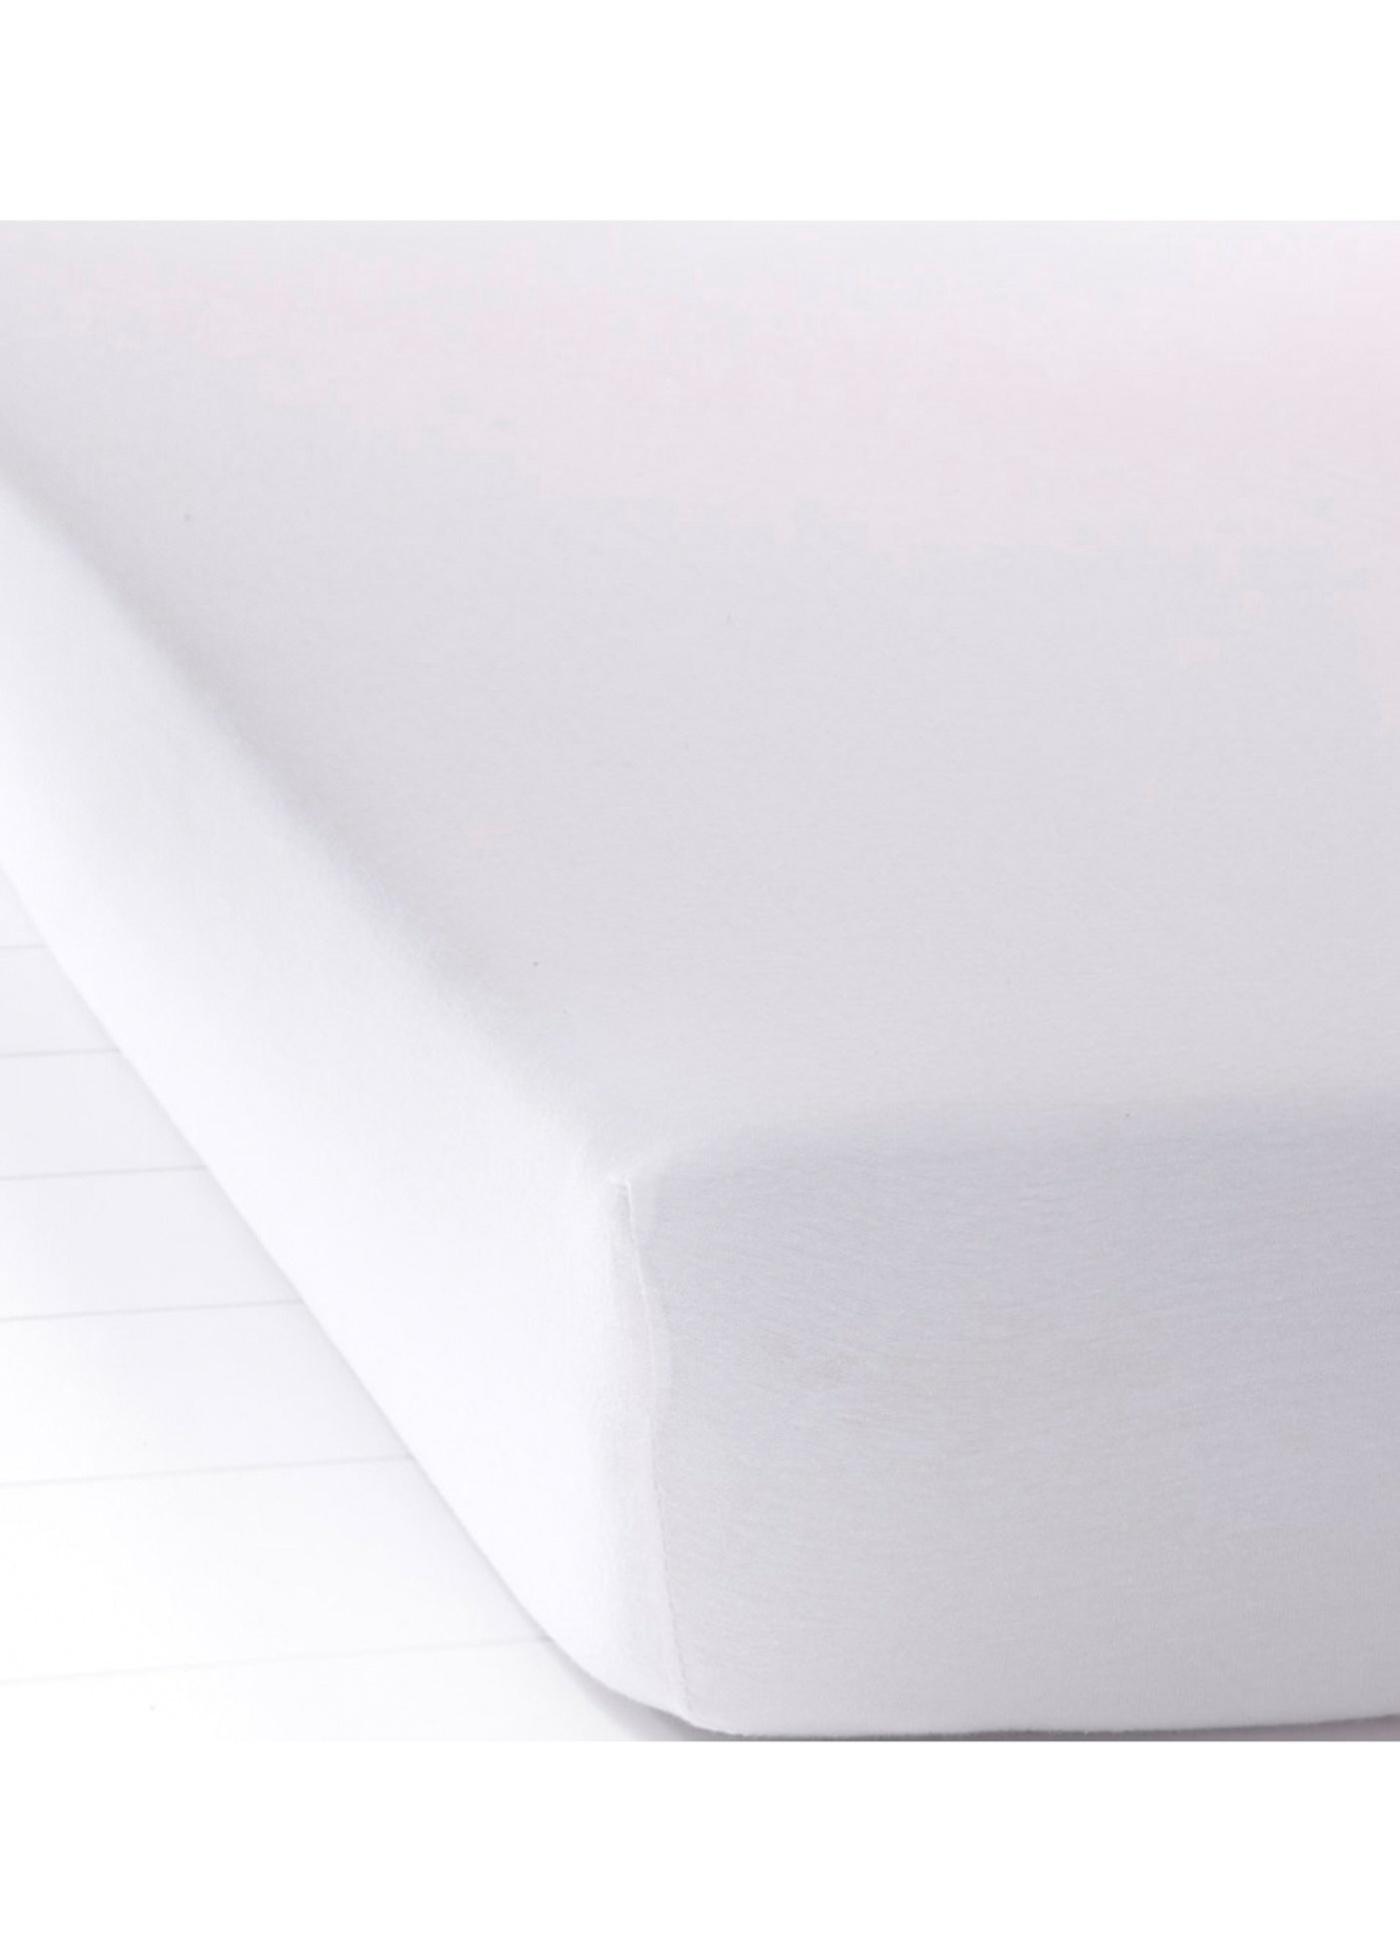 Jersey Spannbettlaken in weiß von bonprix